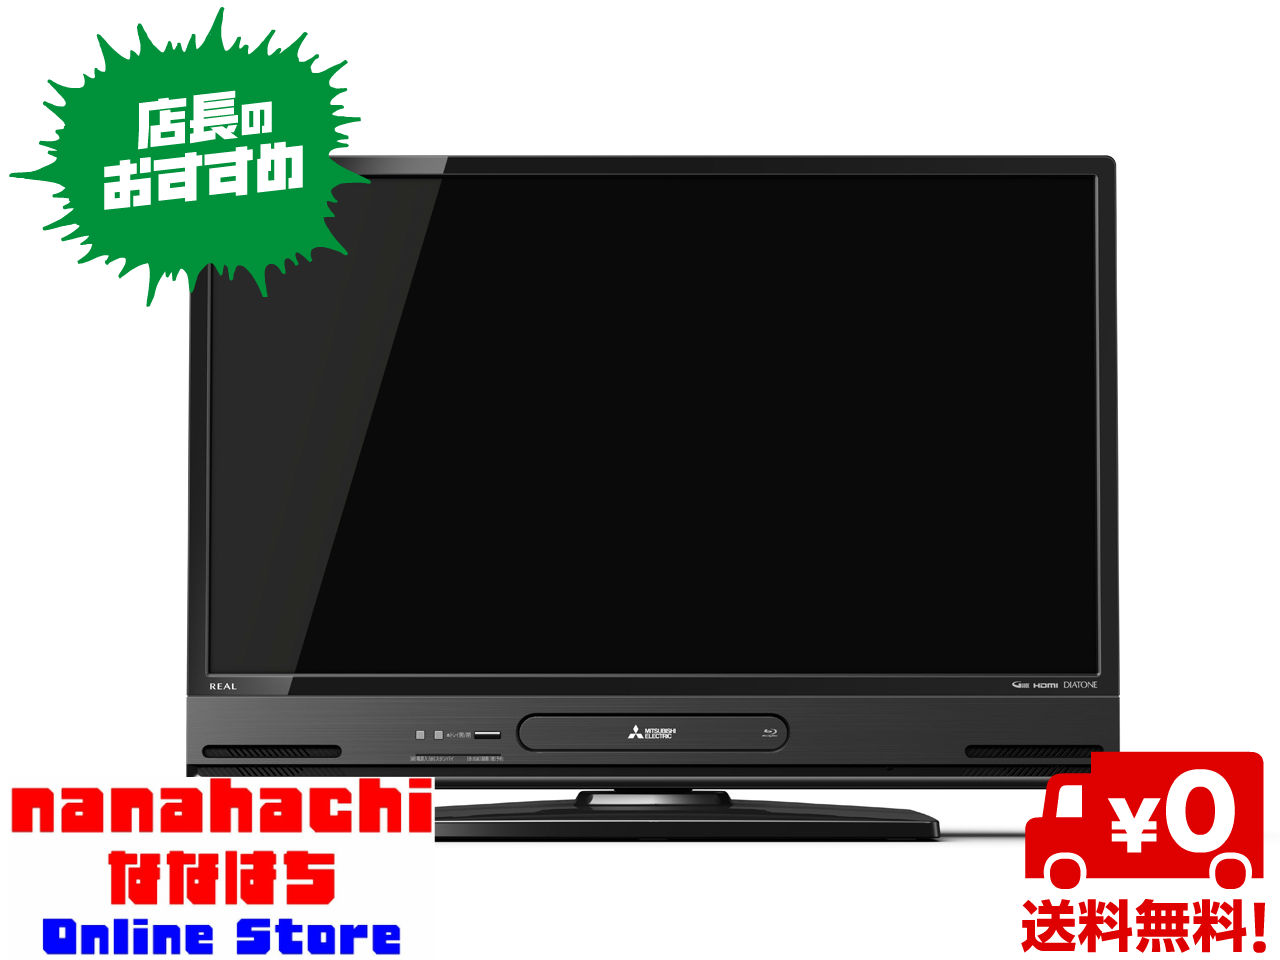 三菱 LCD-A32BHR10 REALリアル A-BHR10 [32インチ]■32V型 ブルーレイディスク+1TB HDD内蔵 ハイビジョン液晶テレビ■ハードディスク内蔵ブルーレイレコーダー搭載録画テレビ【送料無料・一部地域を除く】東北、九州への発送は送料別途 1000円かかります